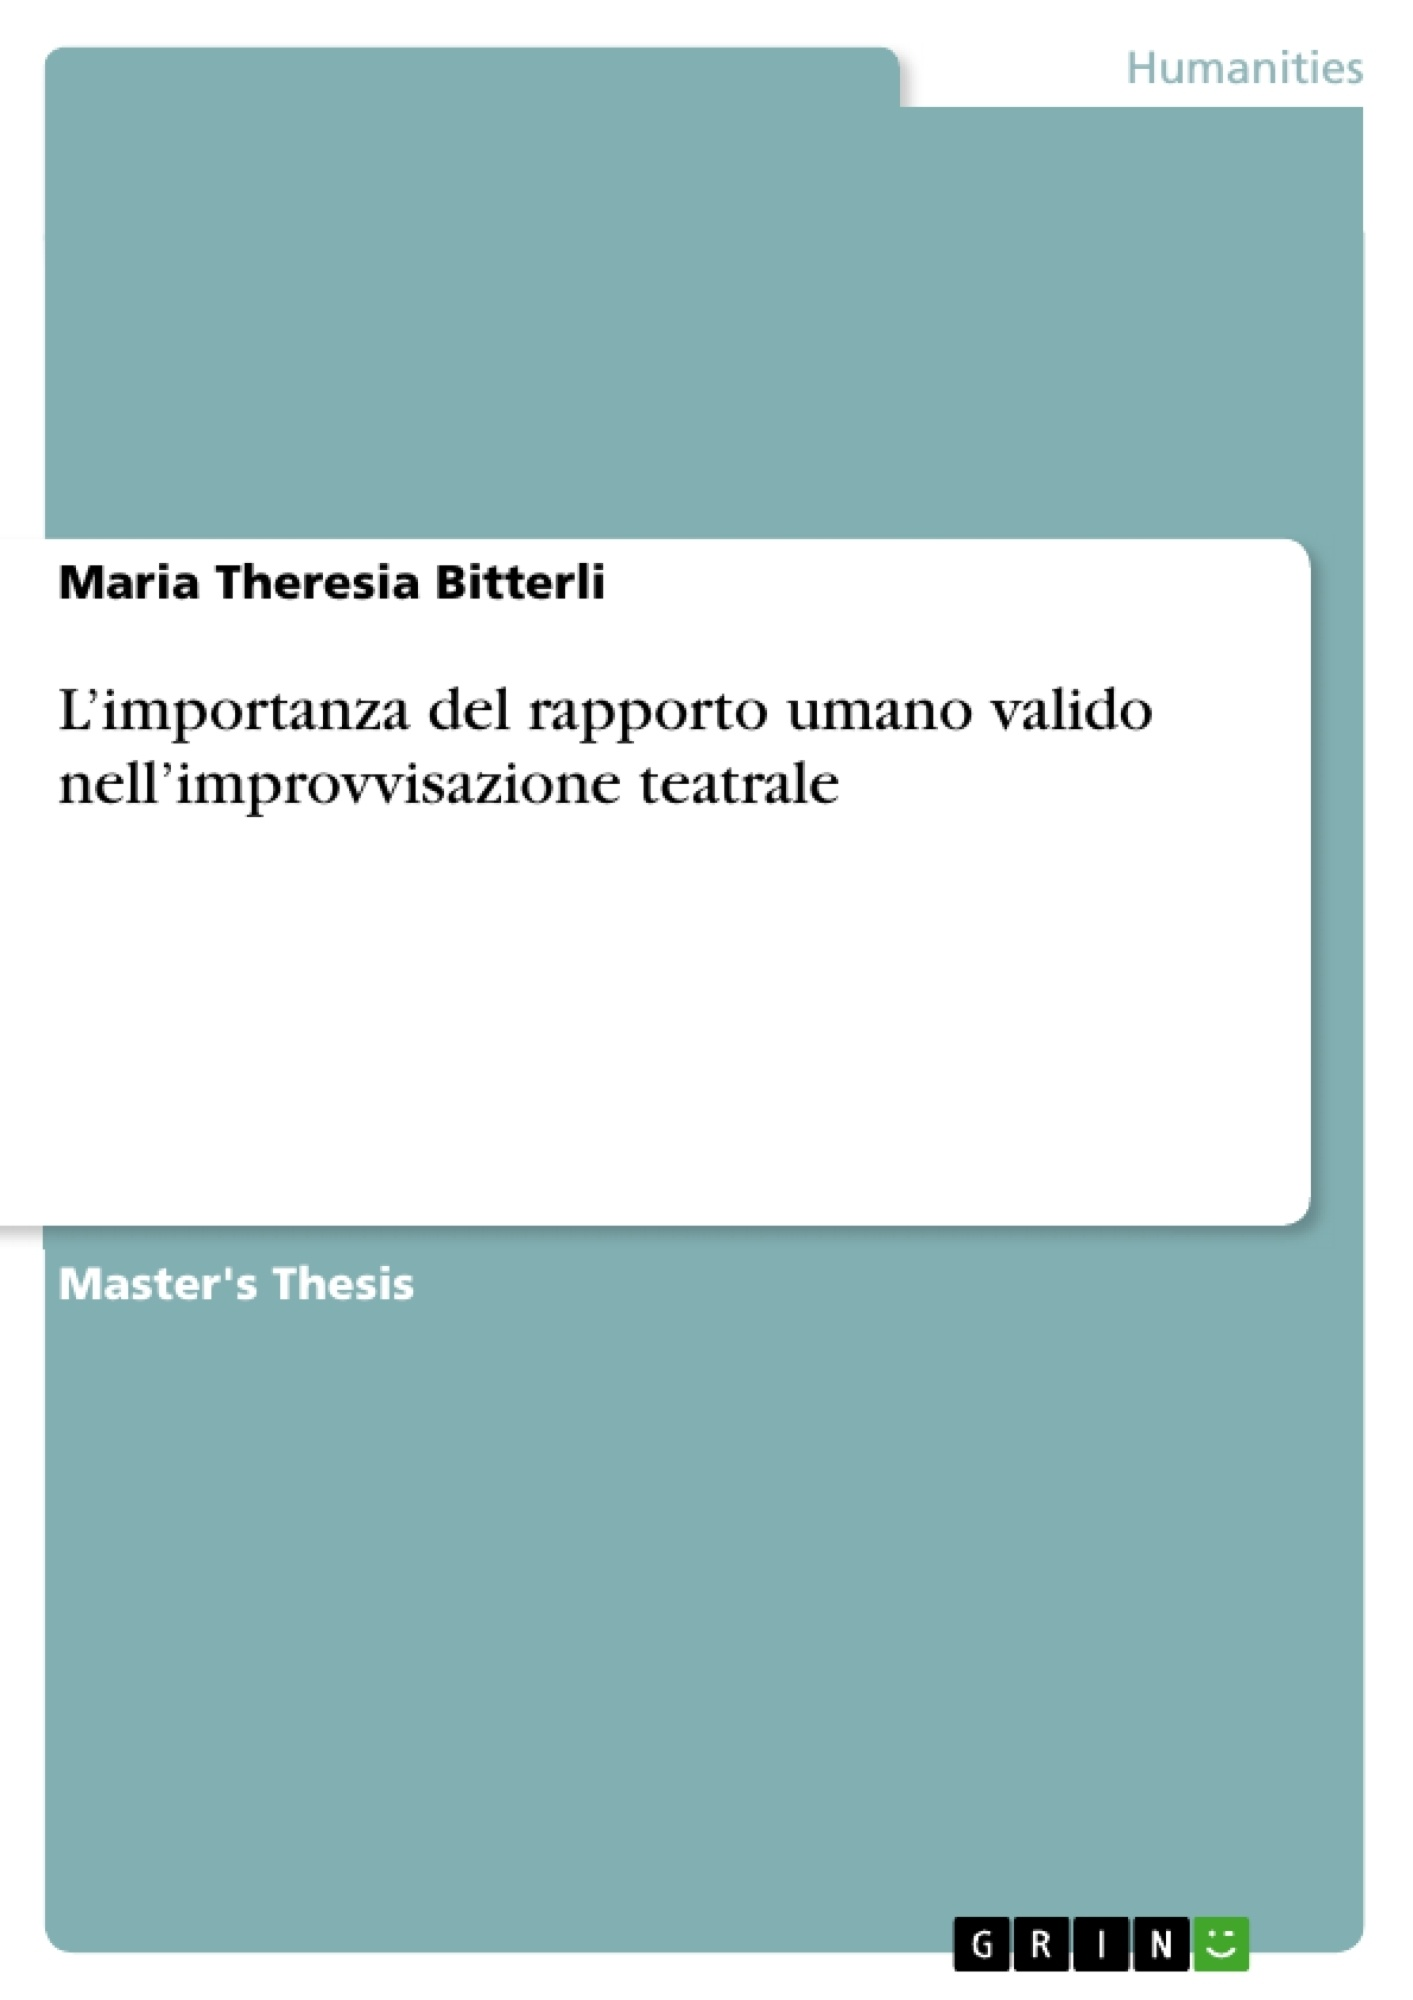 Title: L'importanza del rapporto umano valido nell'improvvisazione teatrale